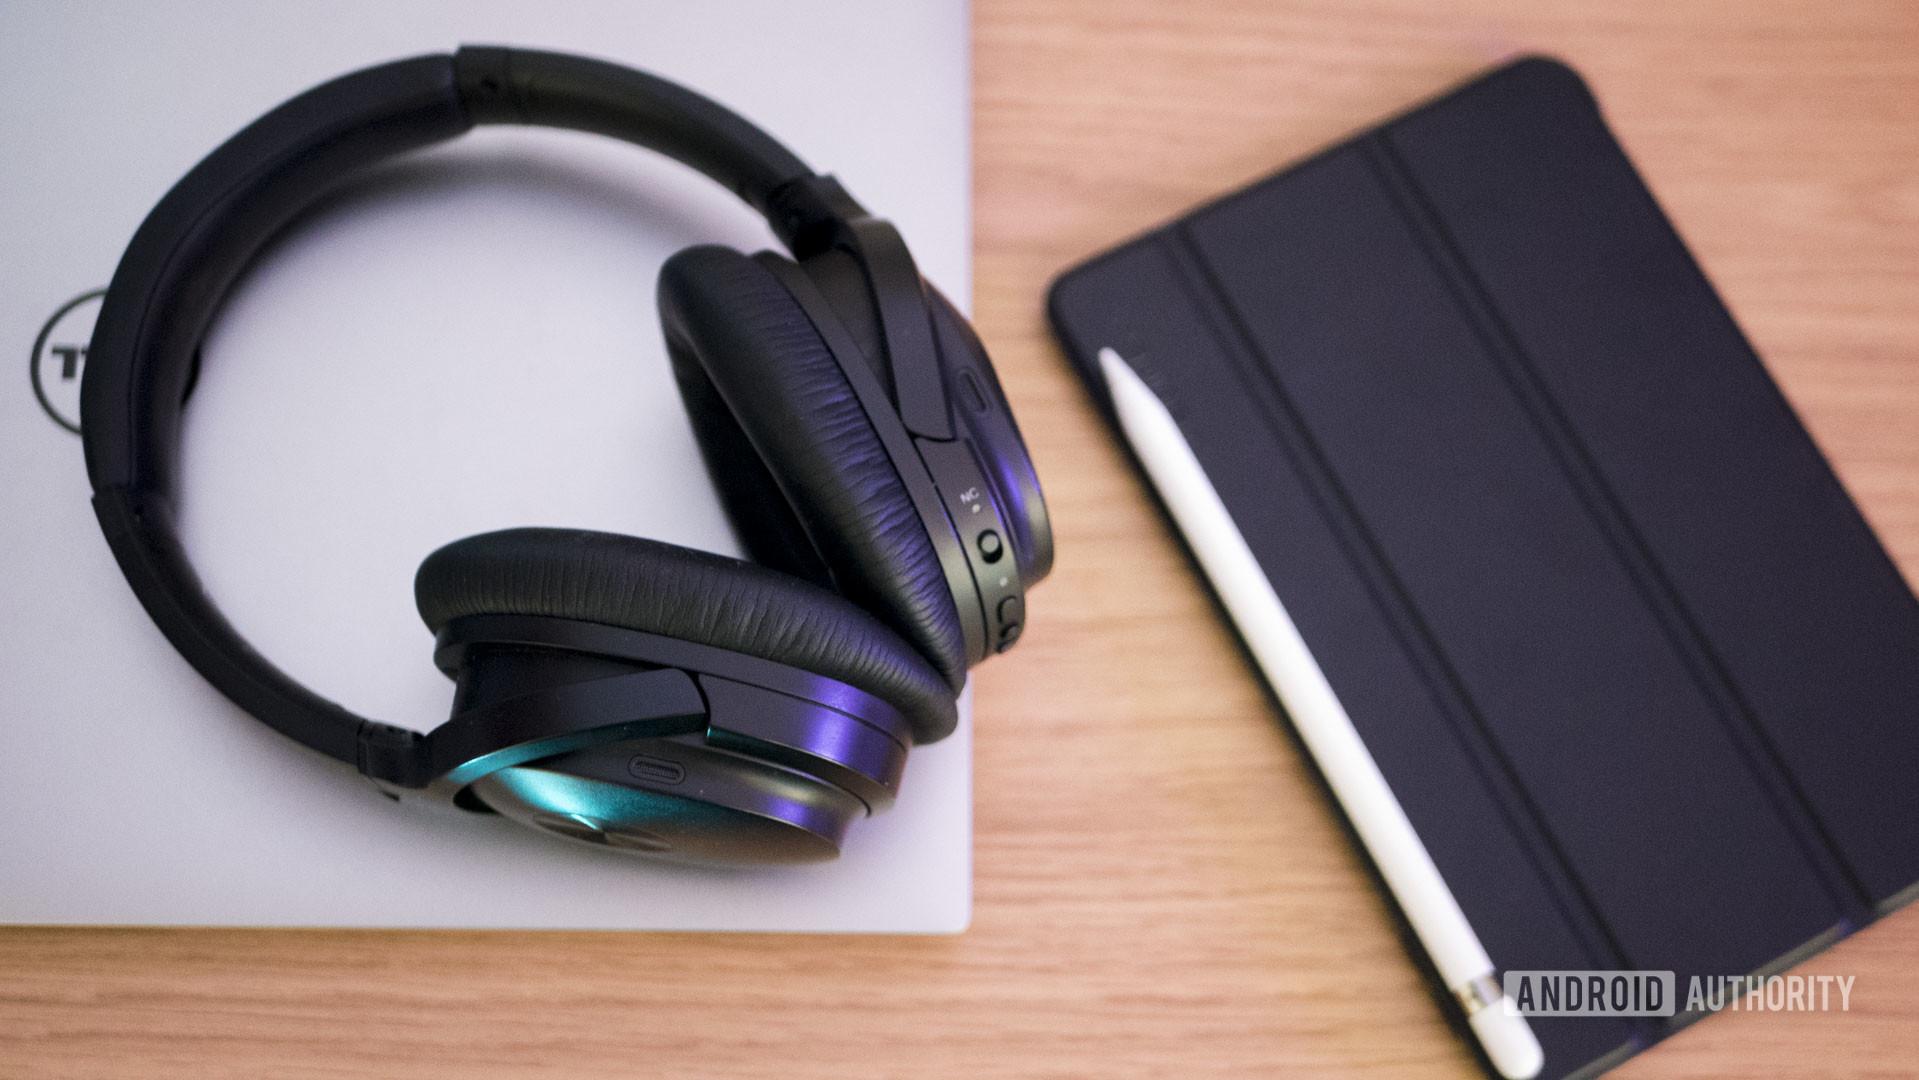 Gadgets Laptop Headphones Work Online